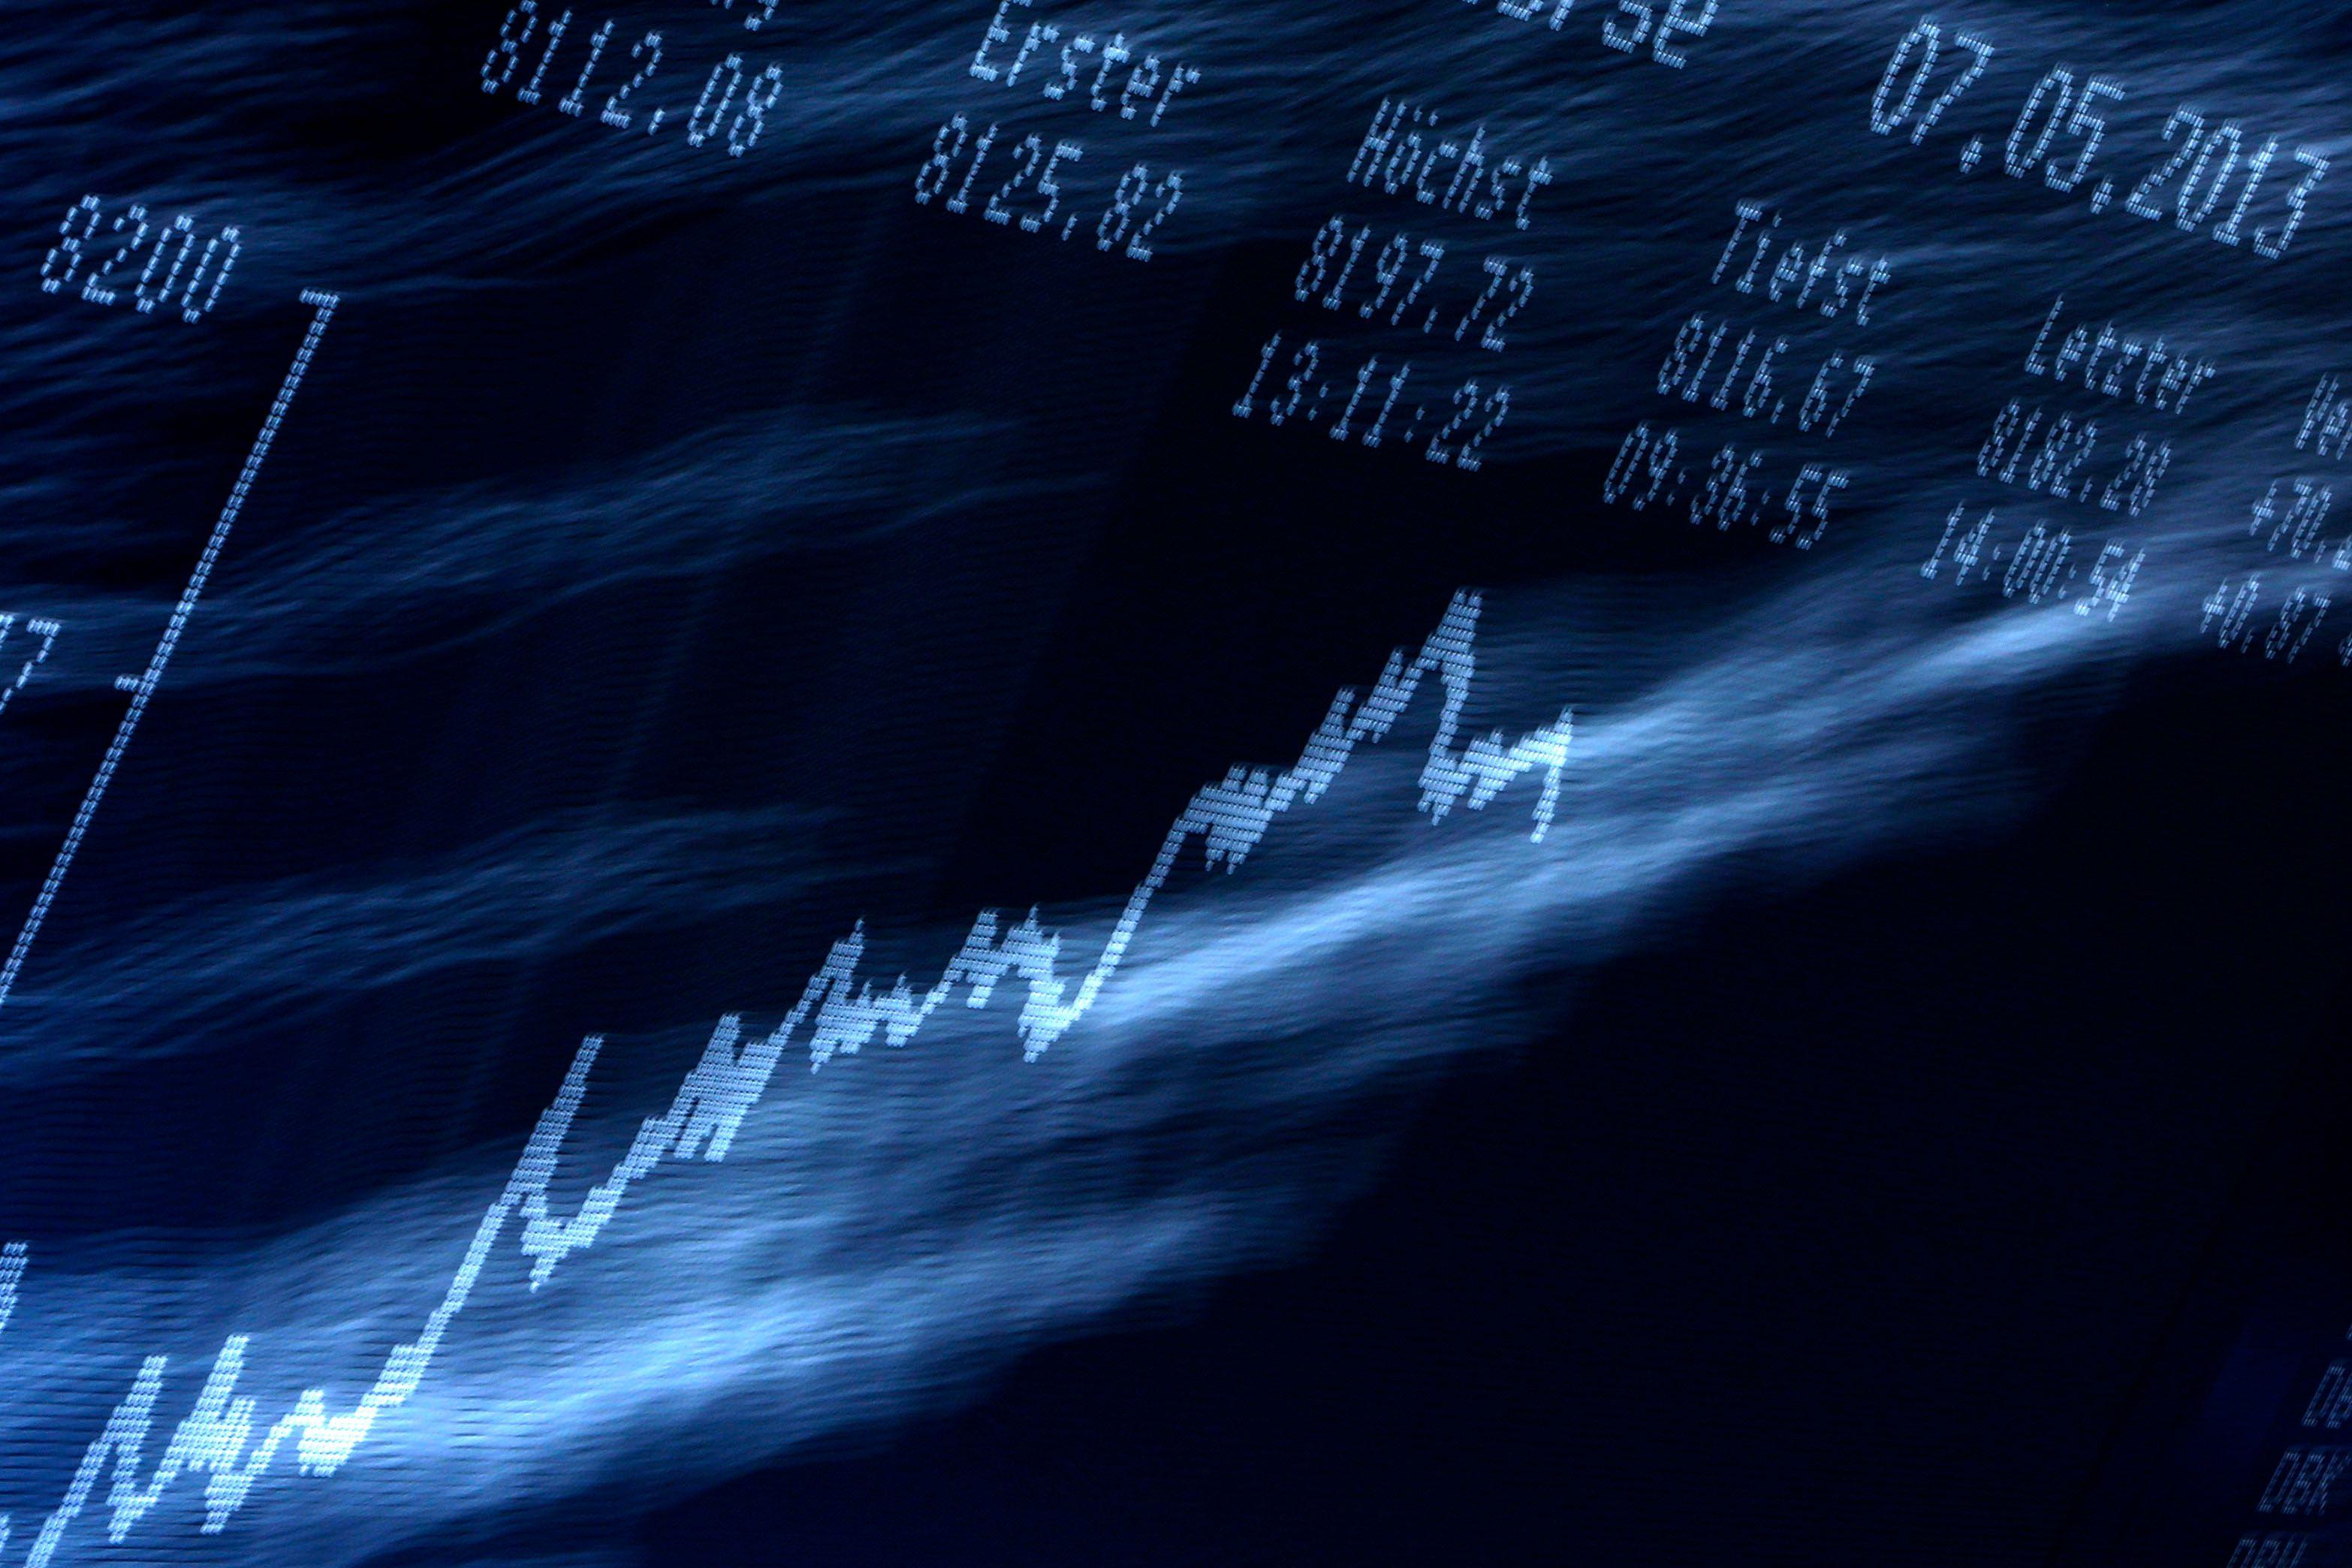 Les Bourses européennes ont terminé en forte baisse vendredi dernier.